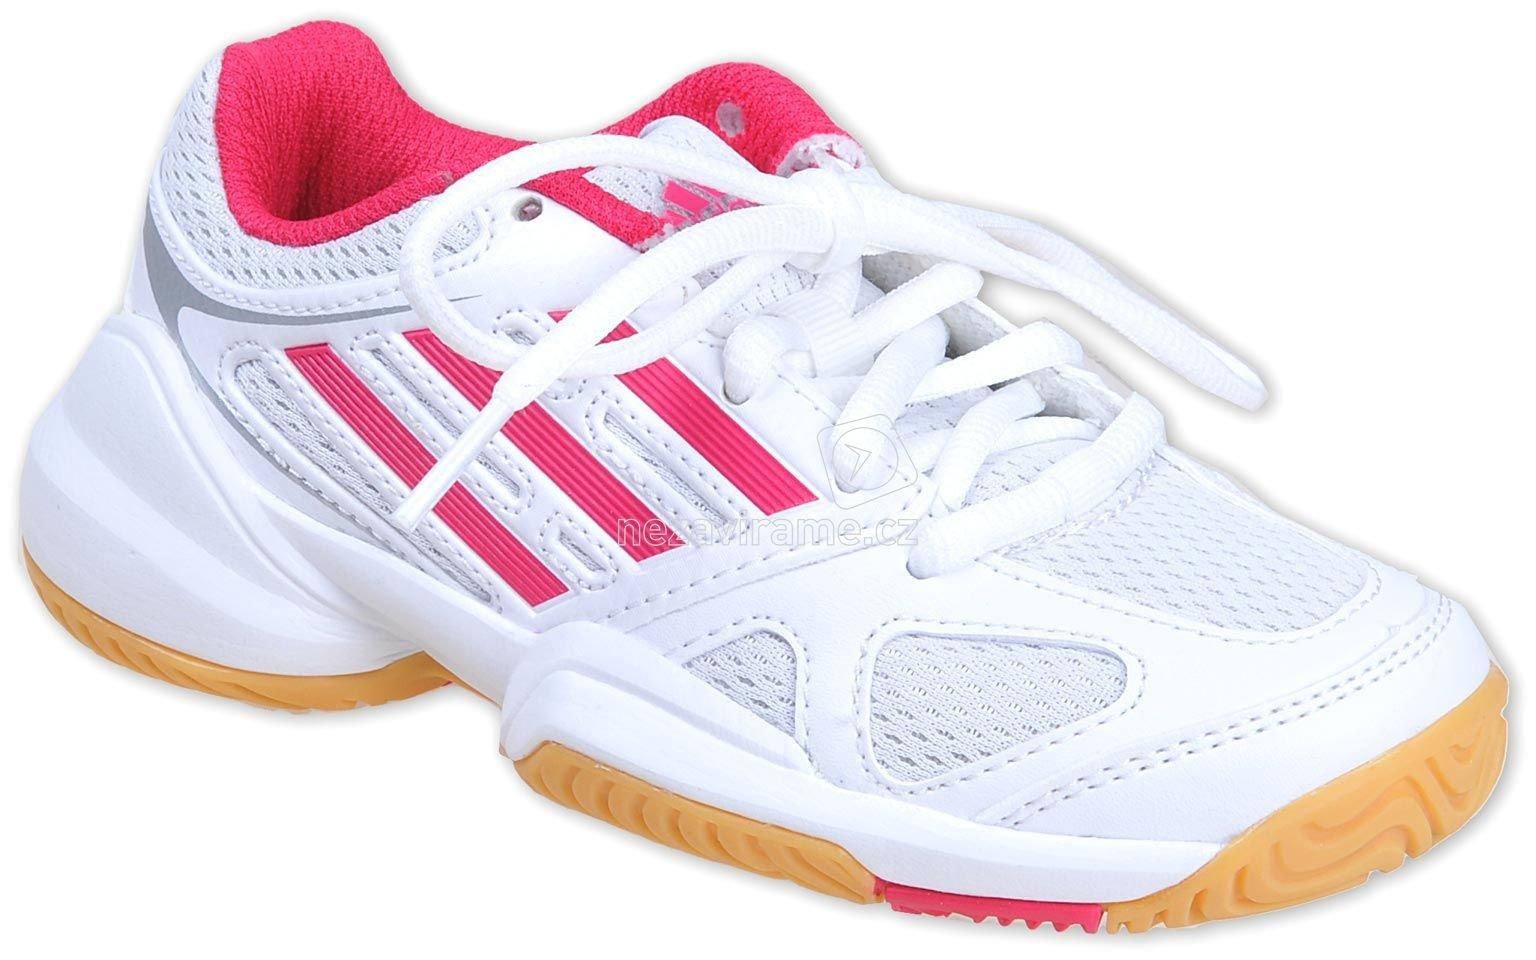 Dětské tenisky Adidas D66035